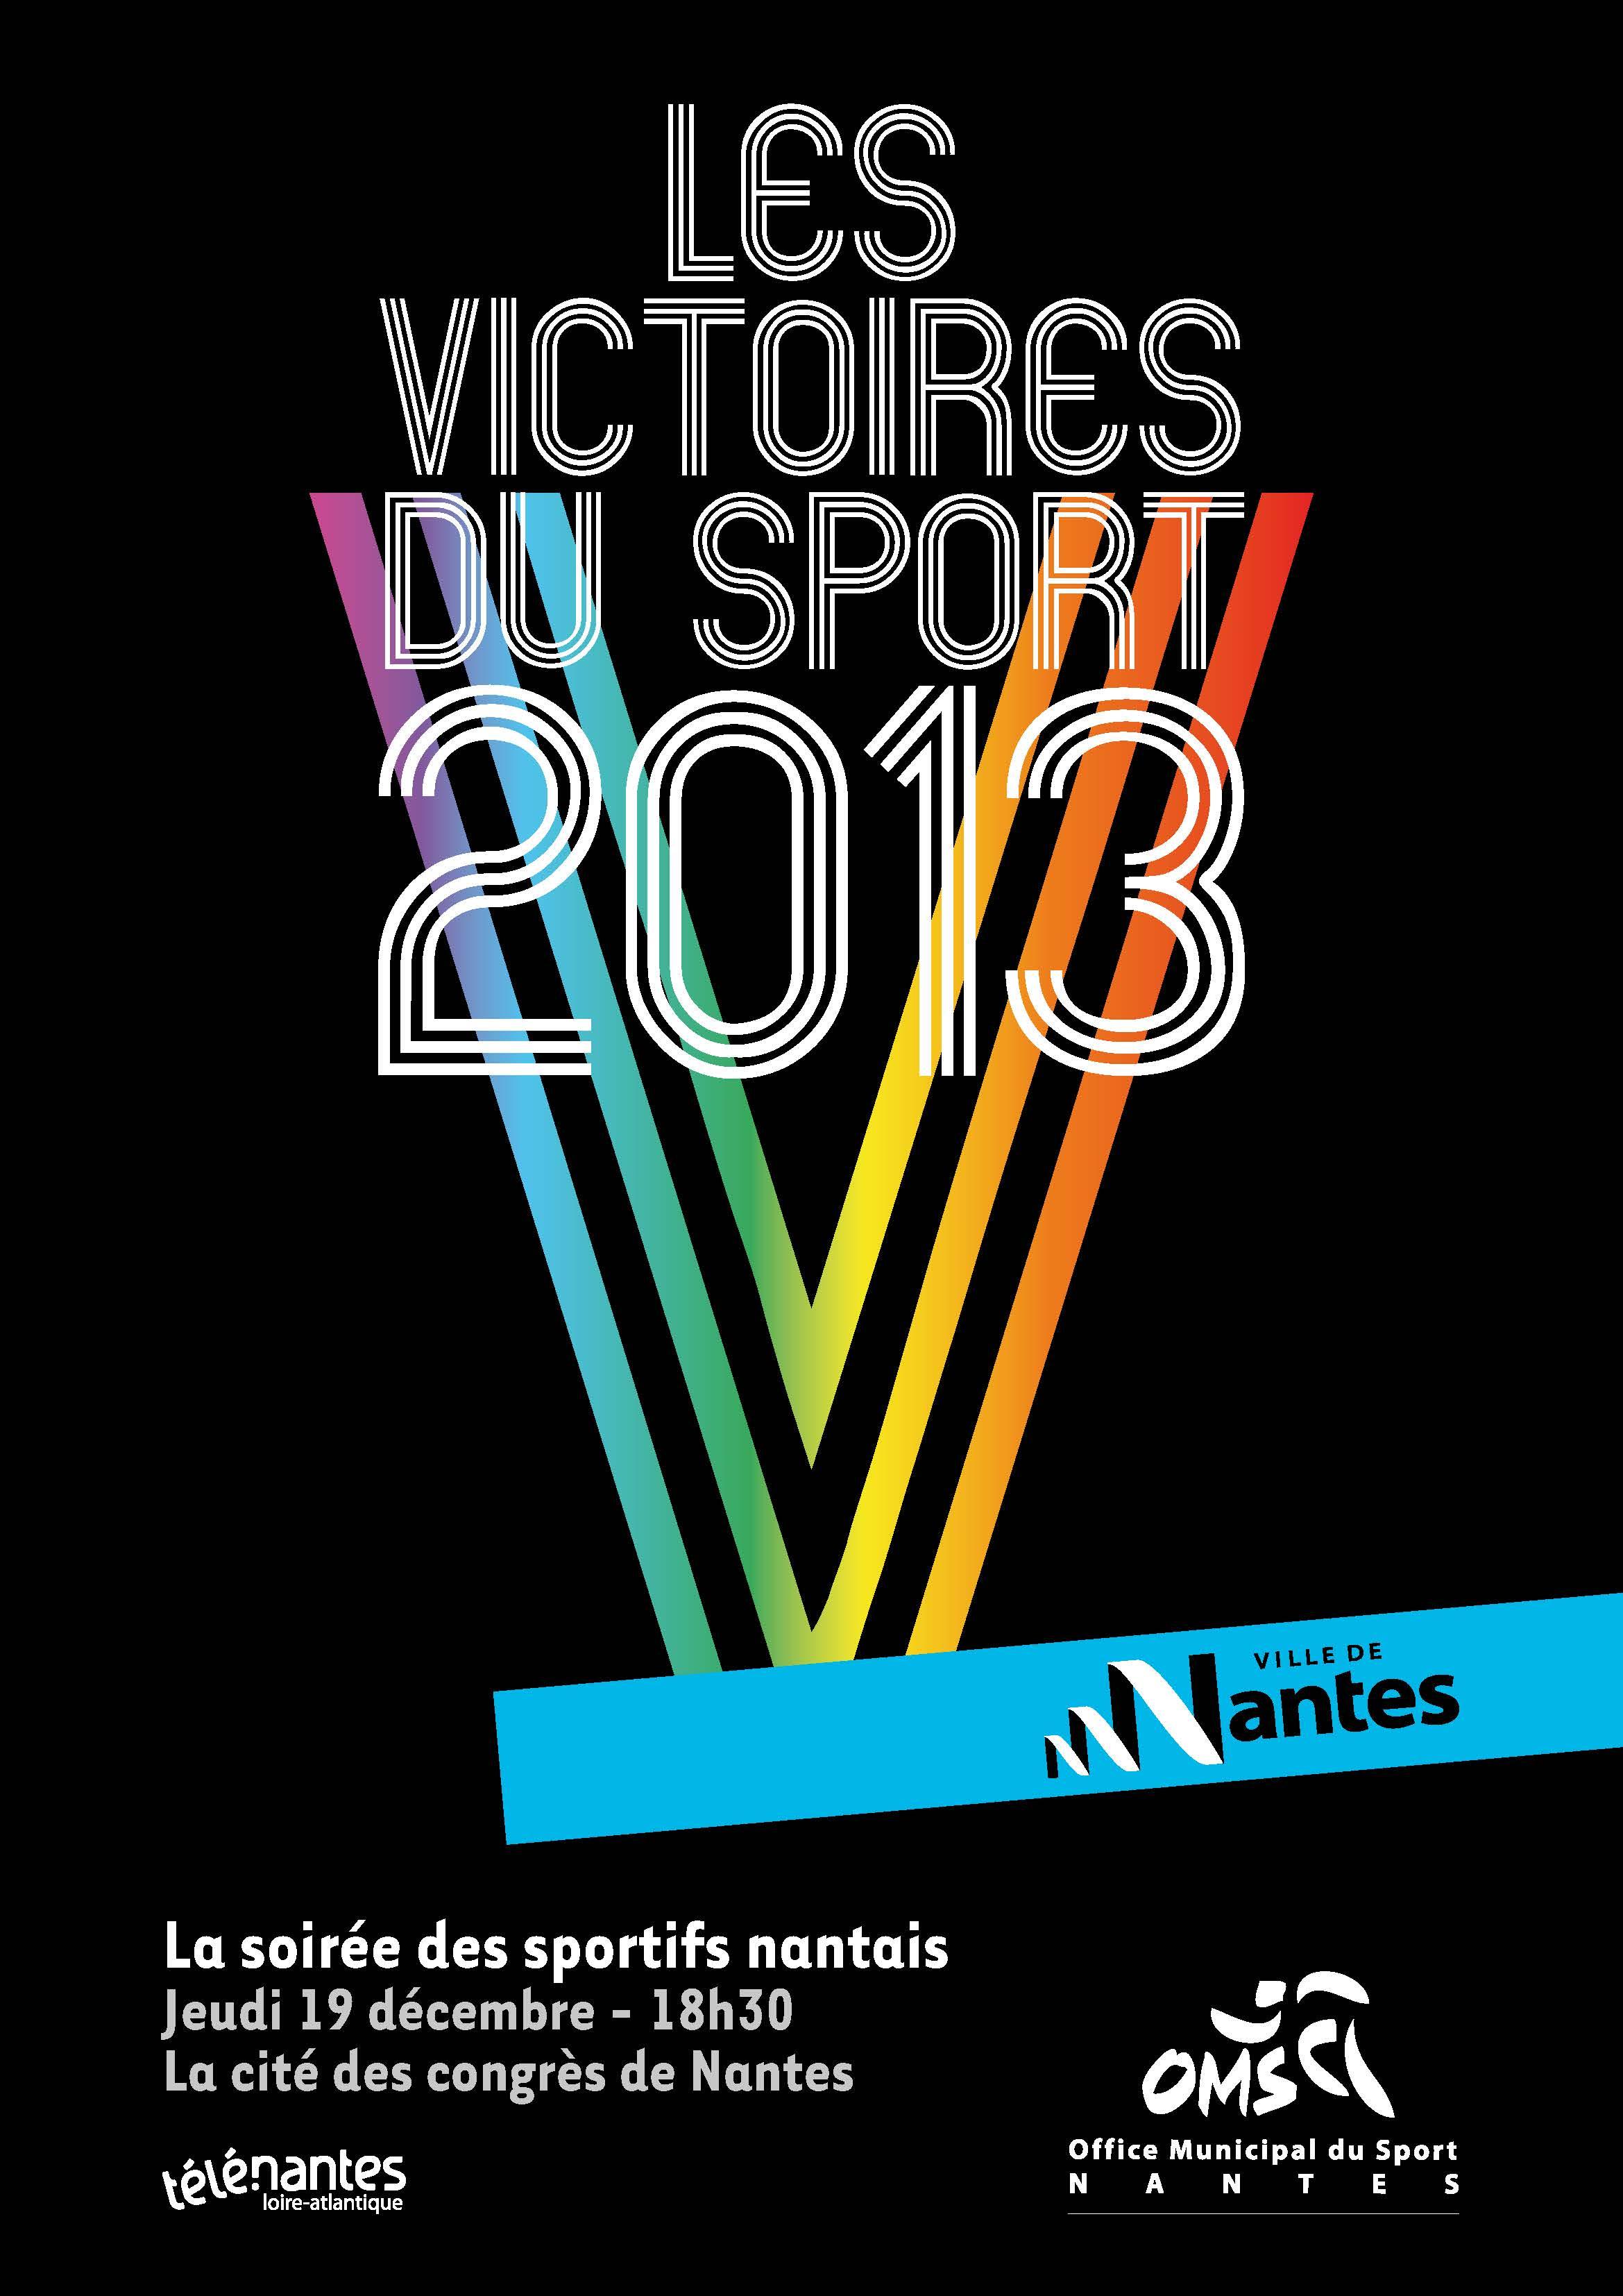 2013.09.16-Affiche-Victoires-2013